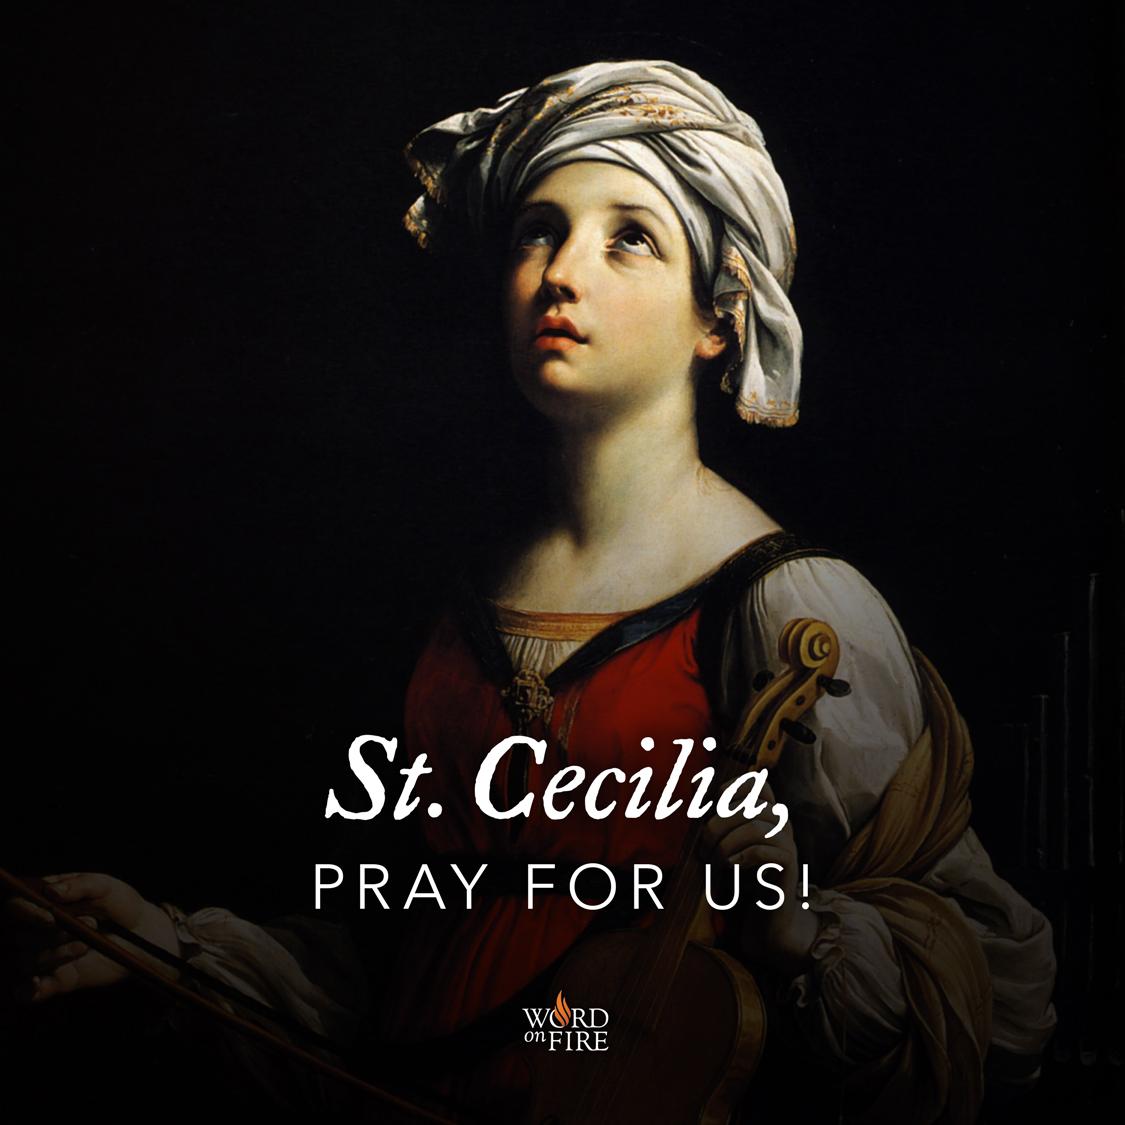 Prayergraphics Com 187 St Cecilia Pray For Us